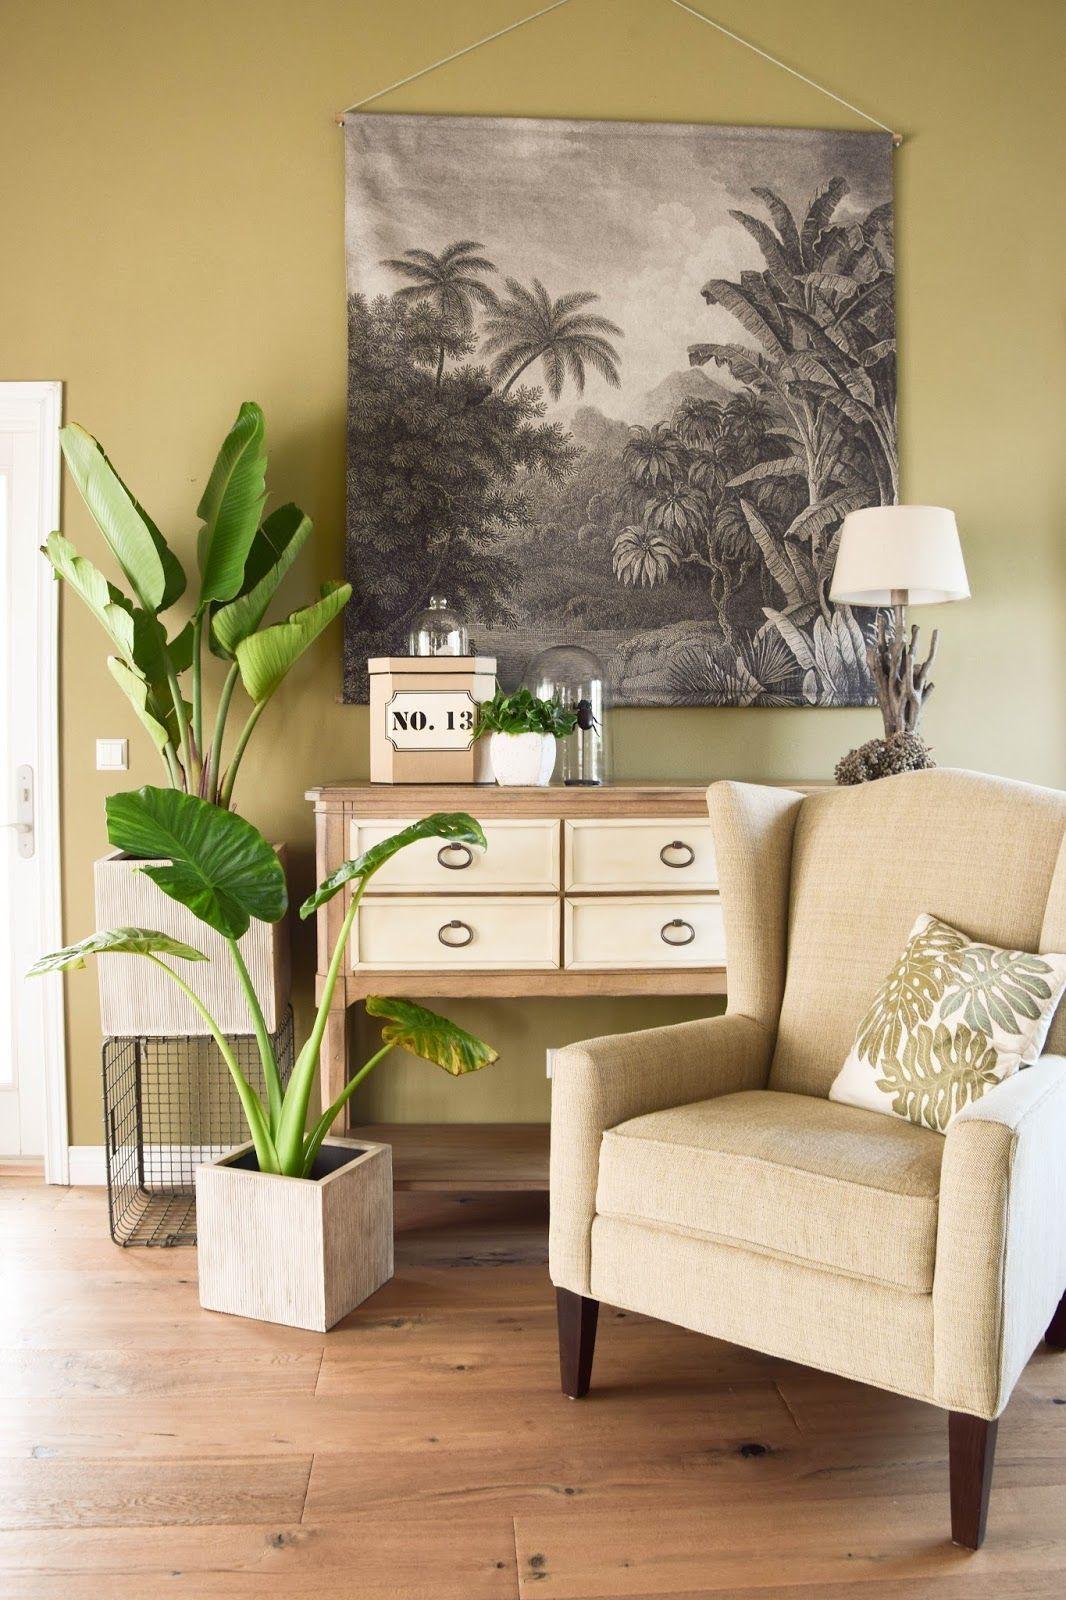 Mein neues Wohnzimmer: gemütlich, grün und mit einer Prise ...